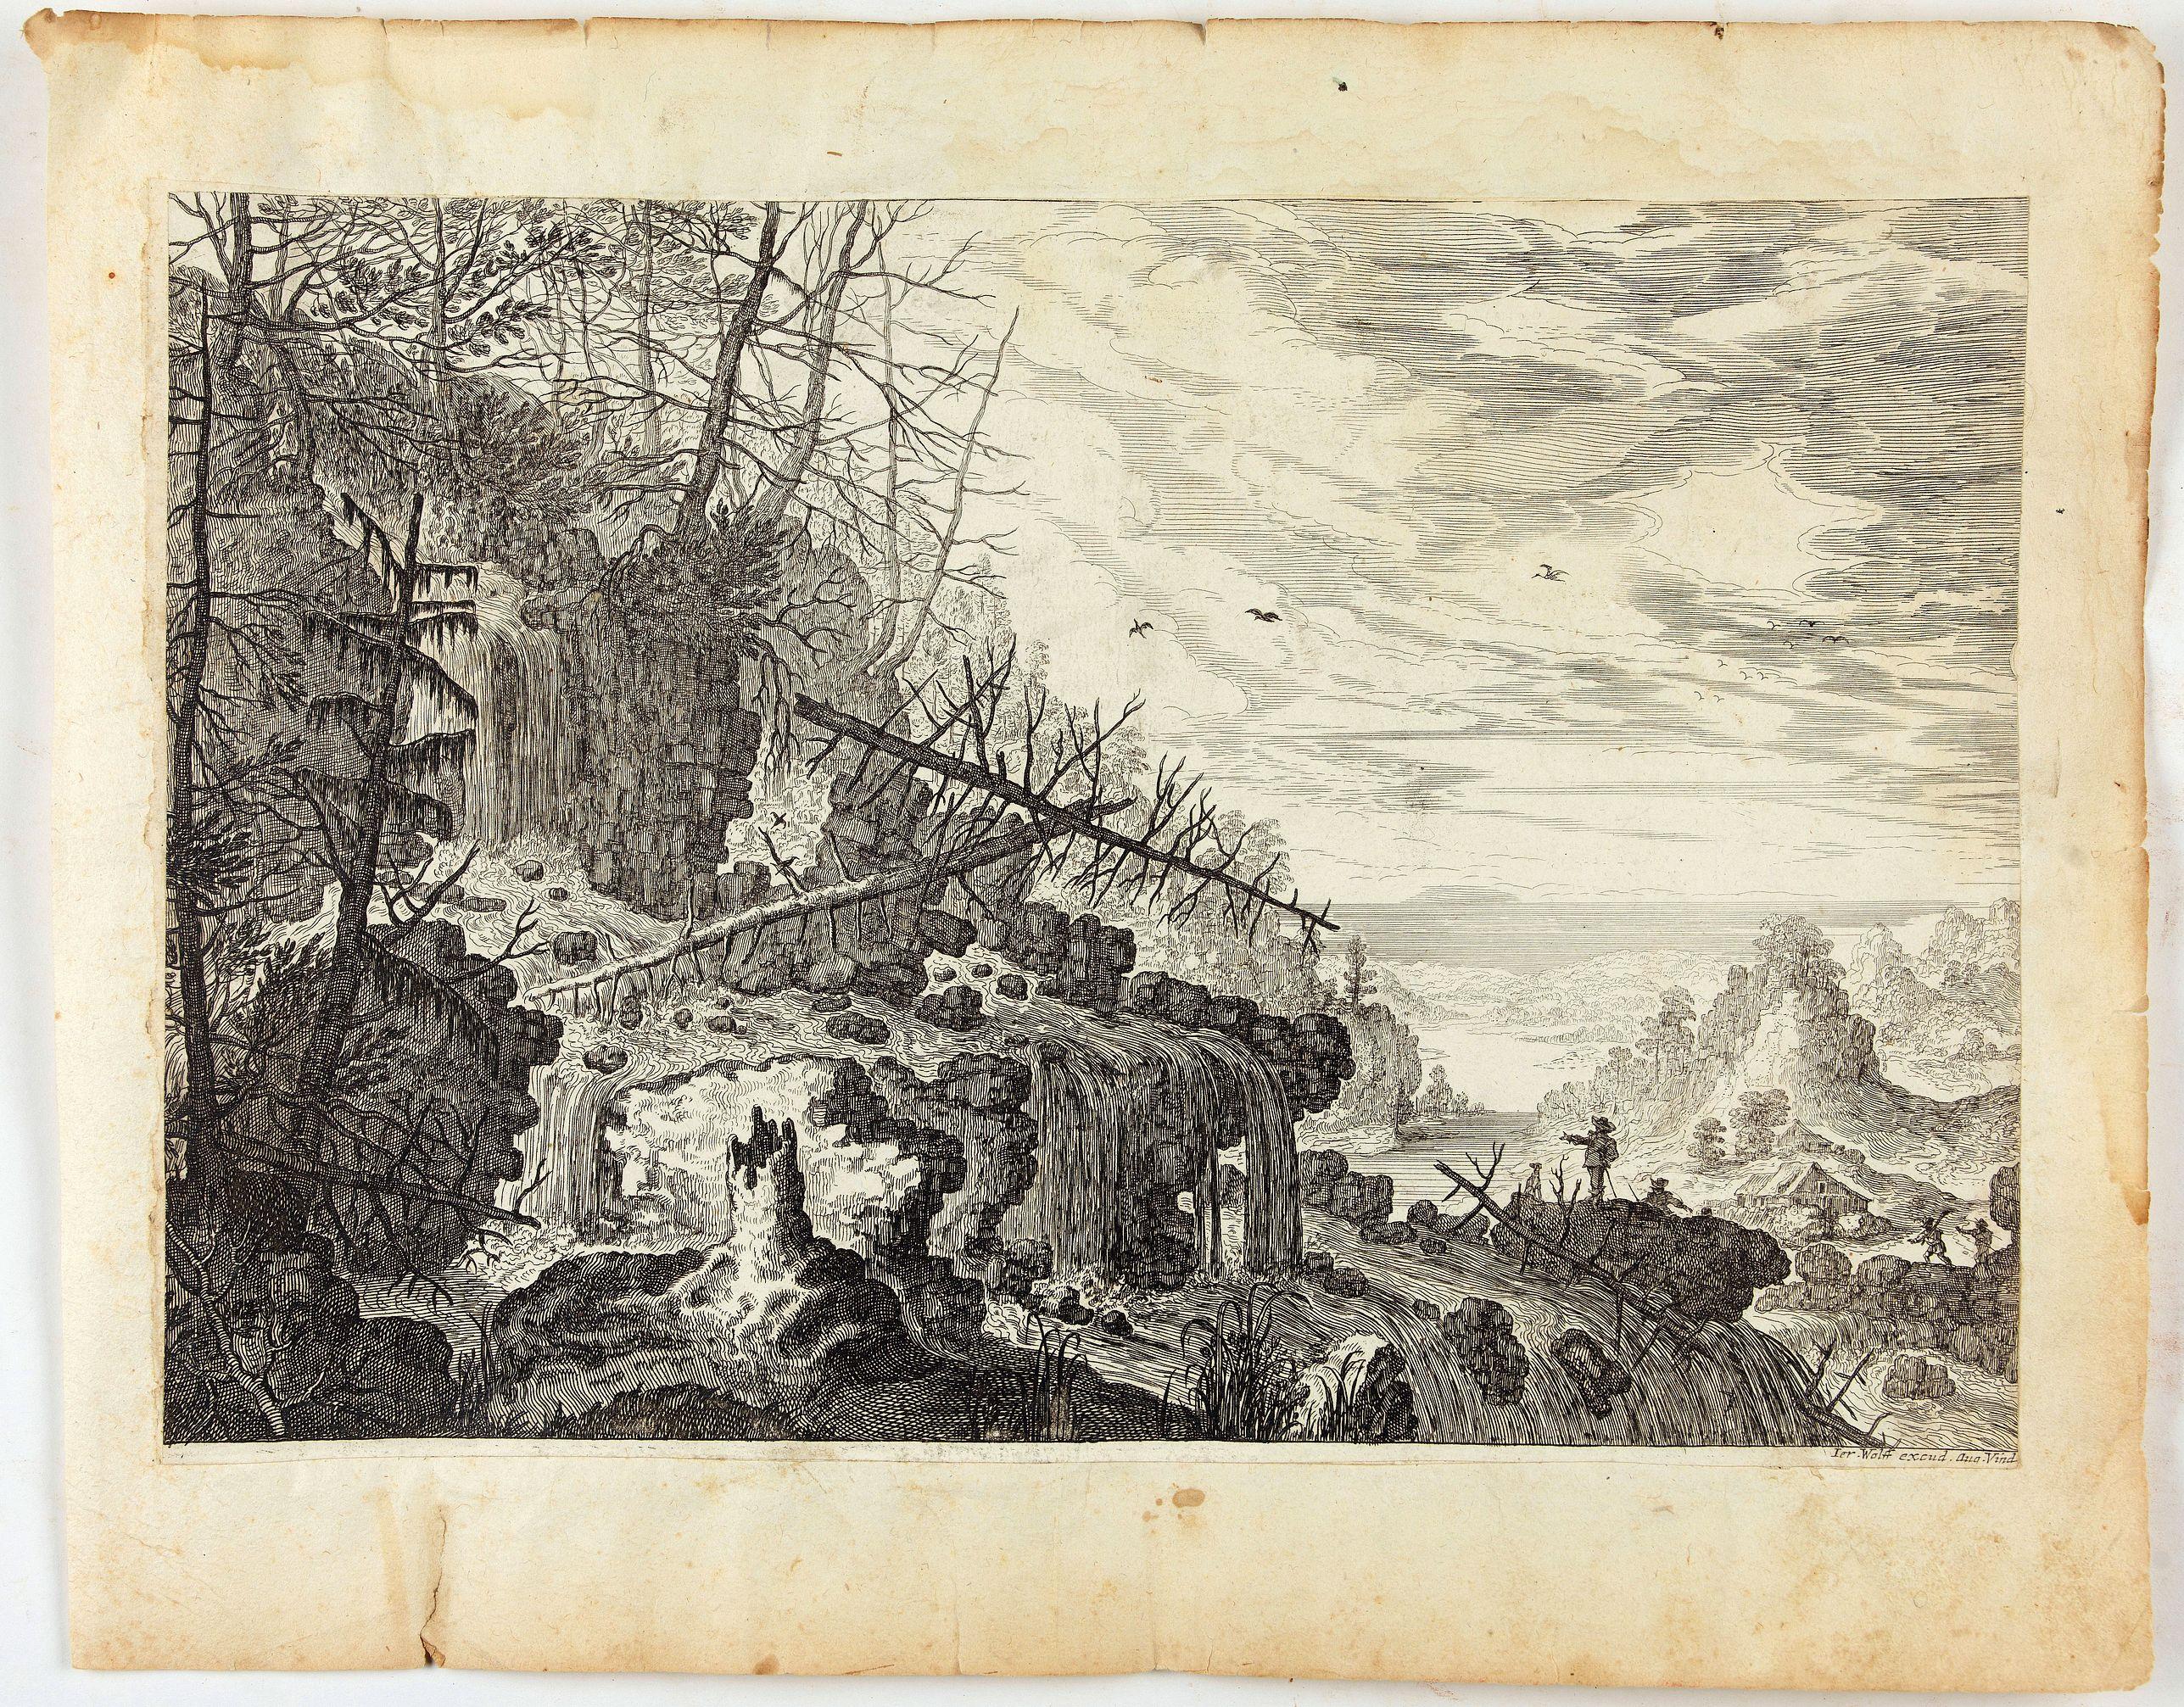 MAIOR, I. -  Naturlandschaft mit Wasserfällen und einem Haus in der Ferne mit vier Männern.